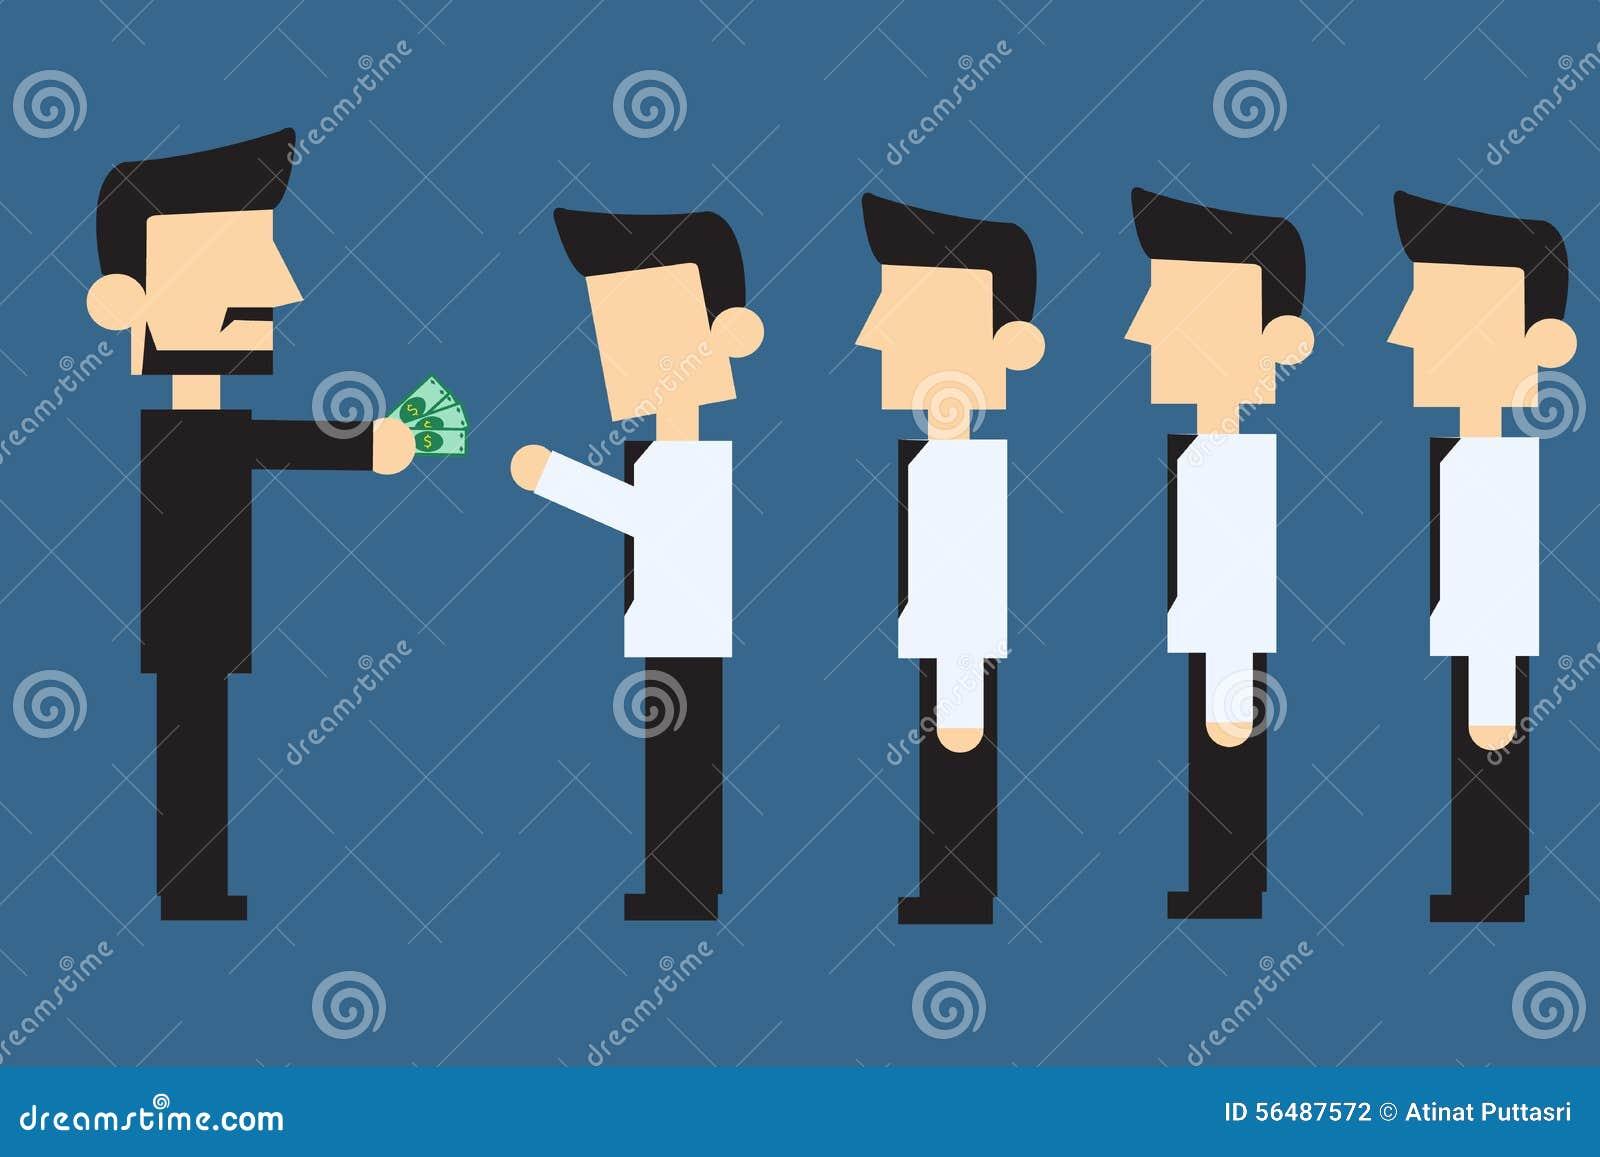 Employés recevant le salaire mensuel